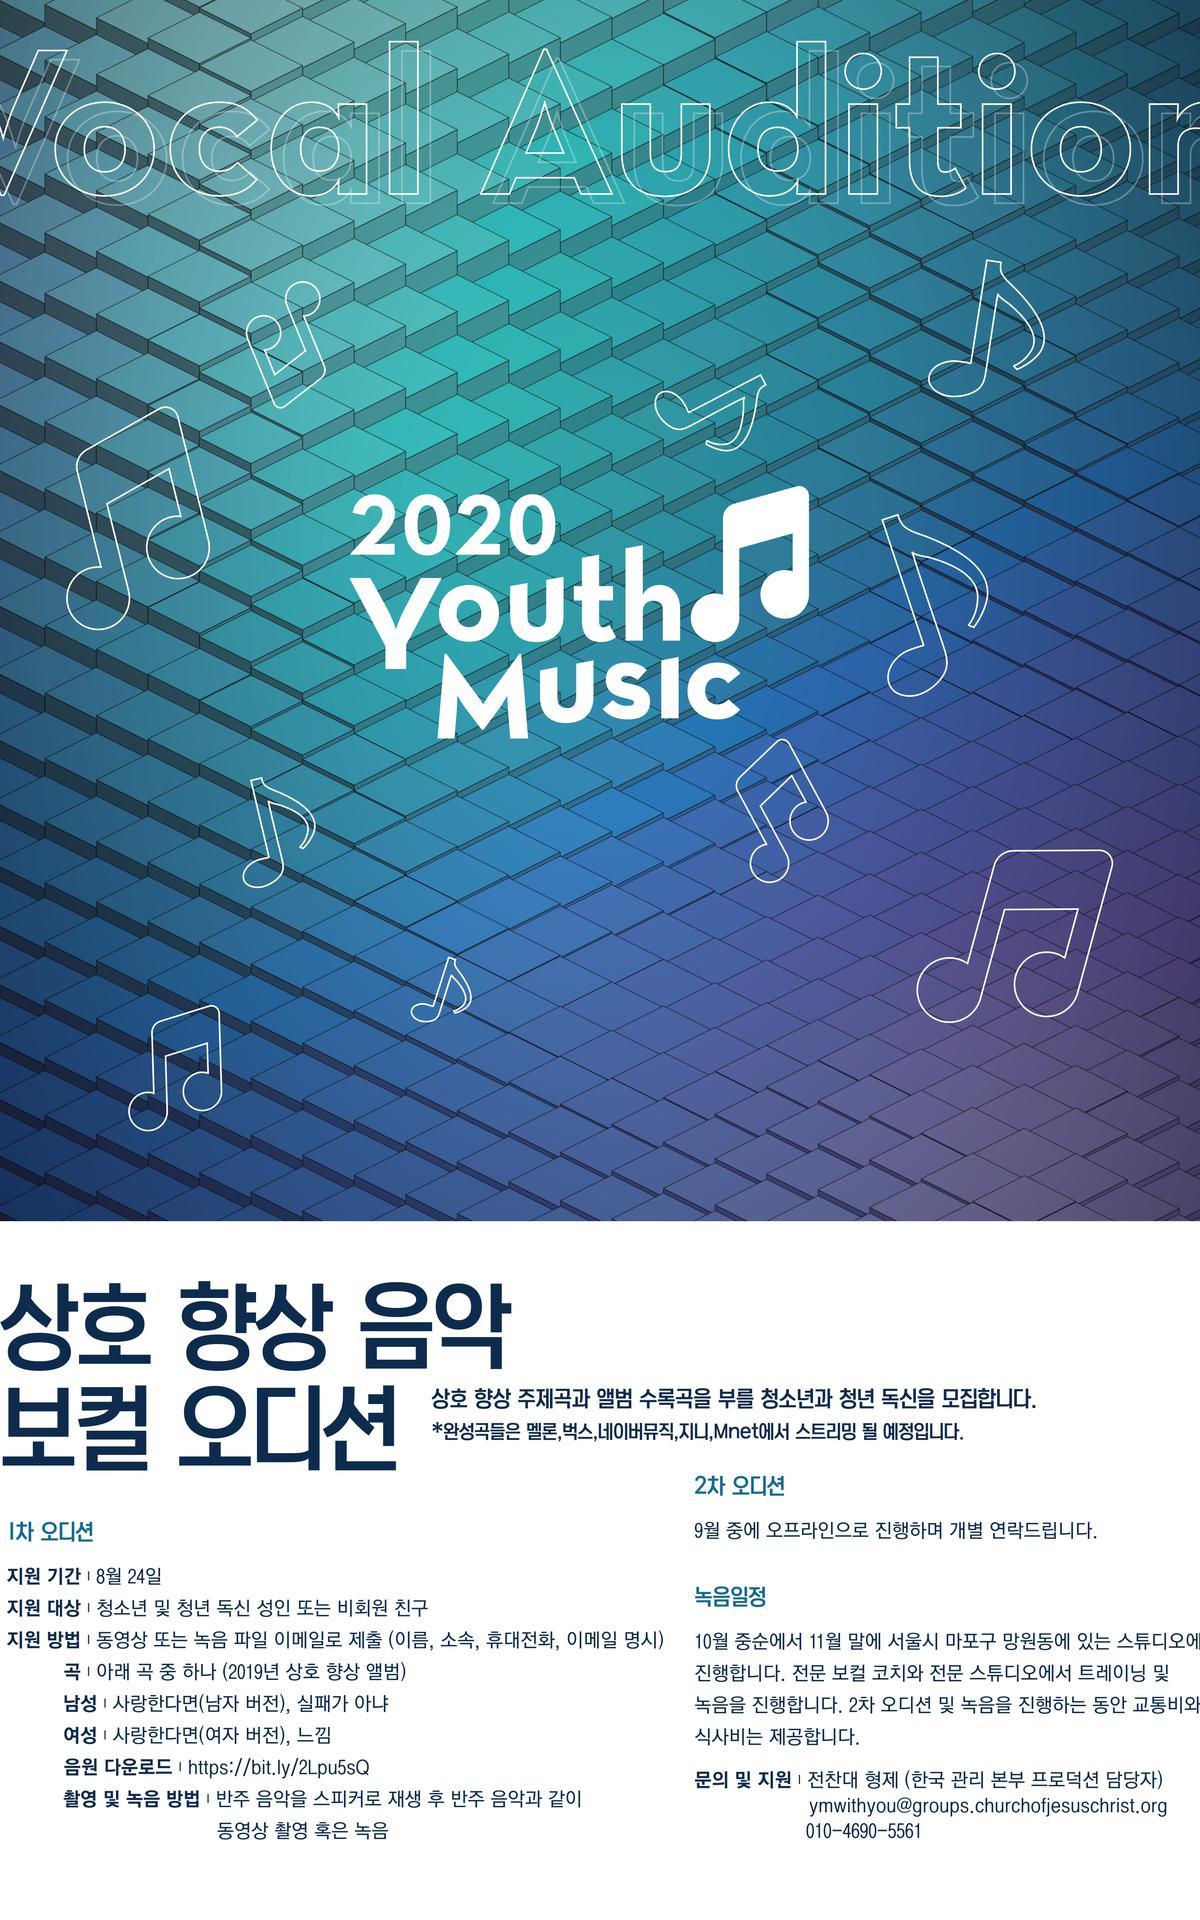 상호 향상 음악 보컬 오디션 포스터